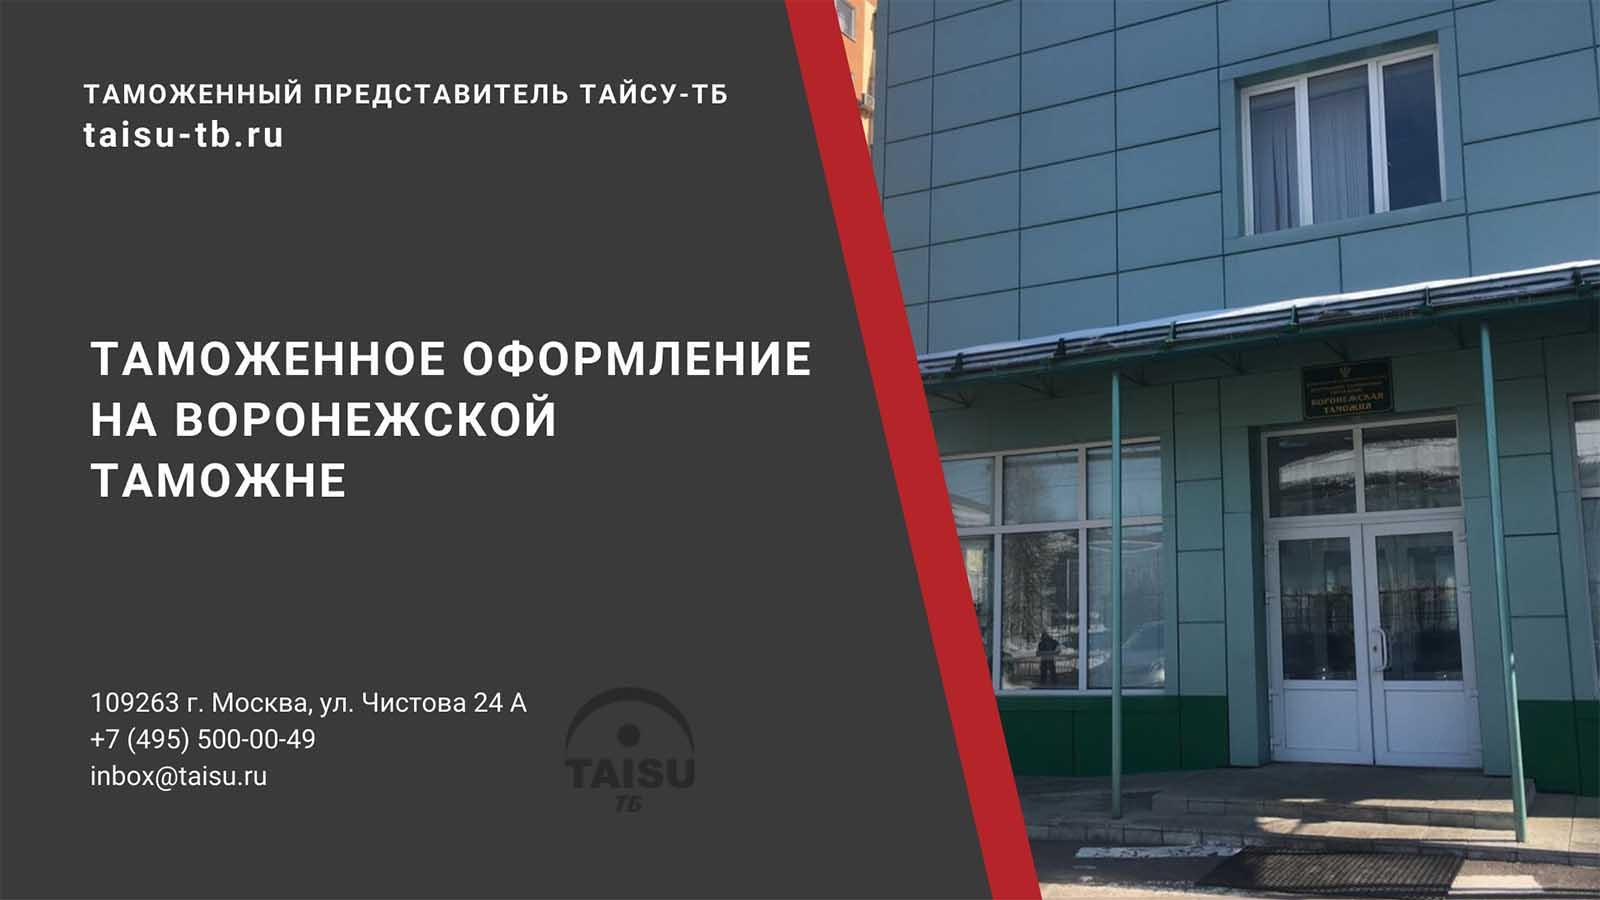 Воронежская таможня